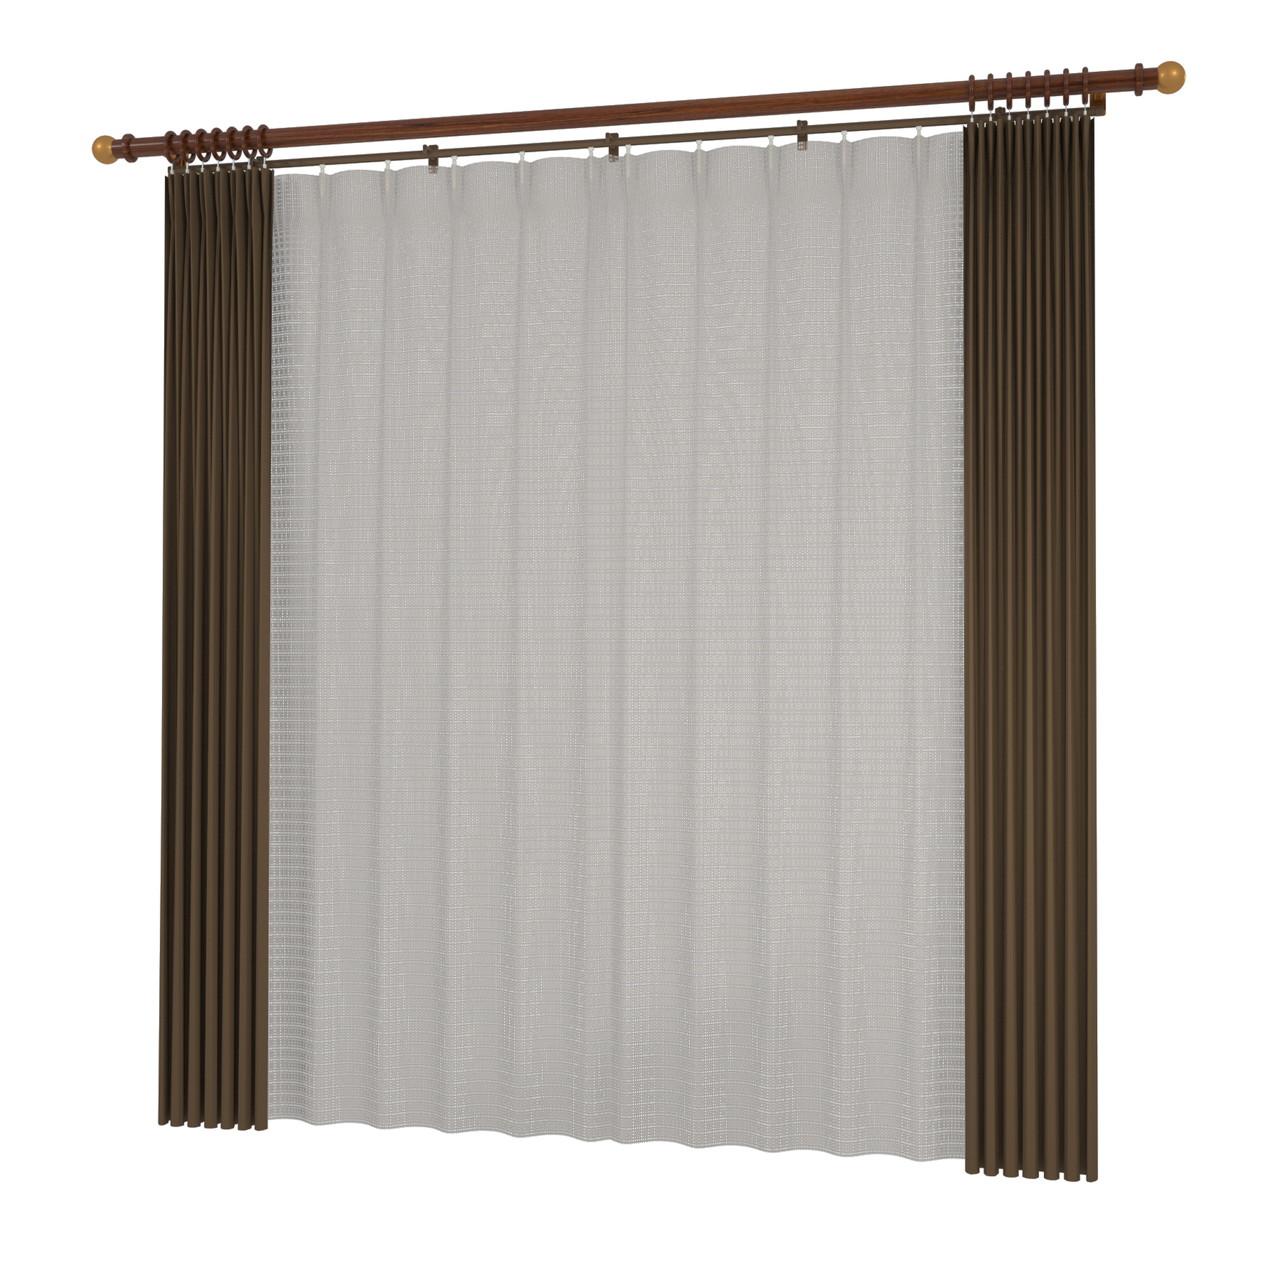 開いたカーテンと閉じたレースのカーテン・装飾レール(ブラウン)の3DCADデータ│遮光カーテン レースのカーテン│3d cad データ フリー 無料 商用可能 建築パース フリー素材 formZ 3D 3ds obj インテリア interior curtain